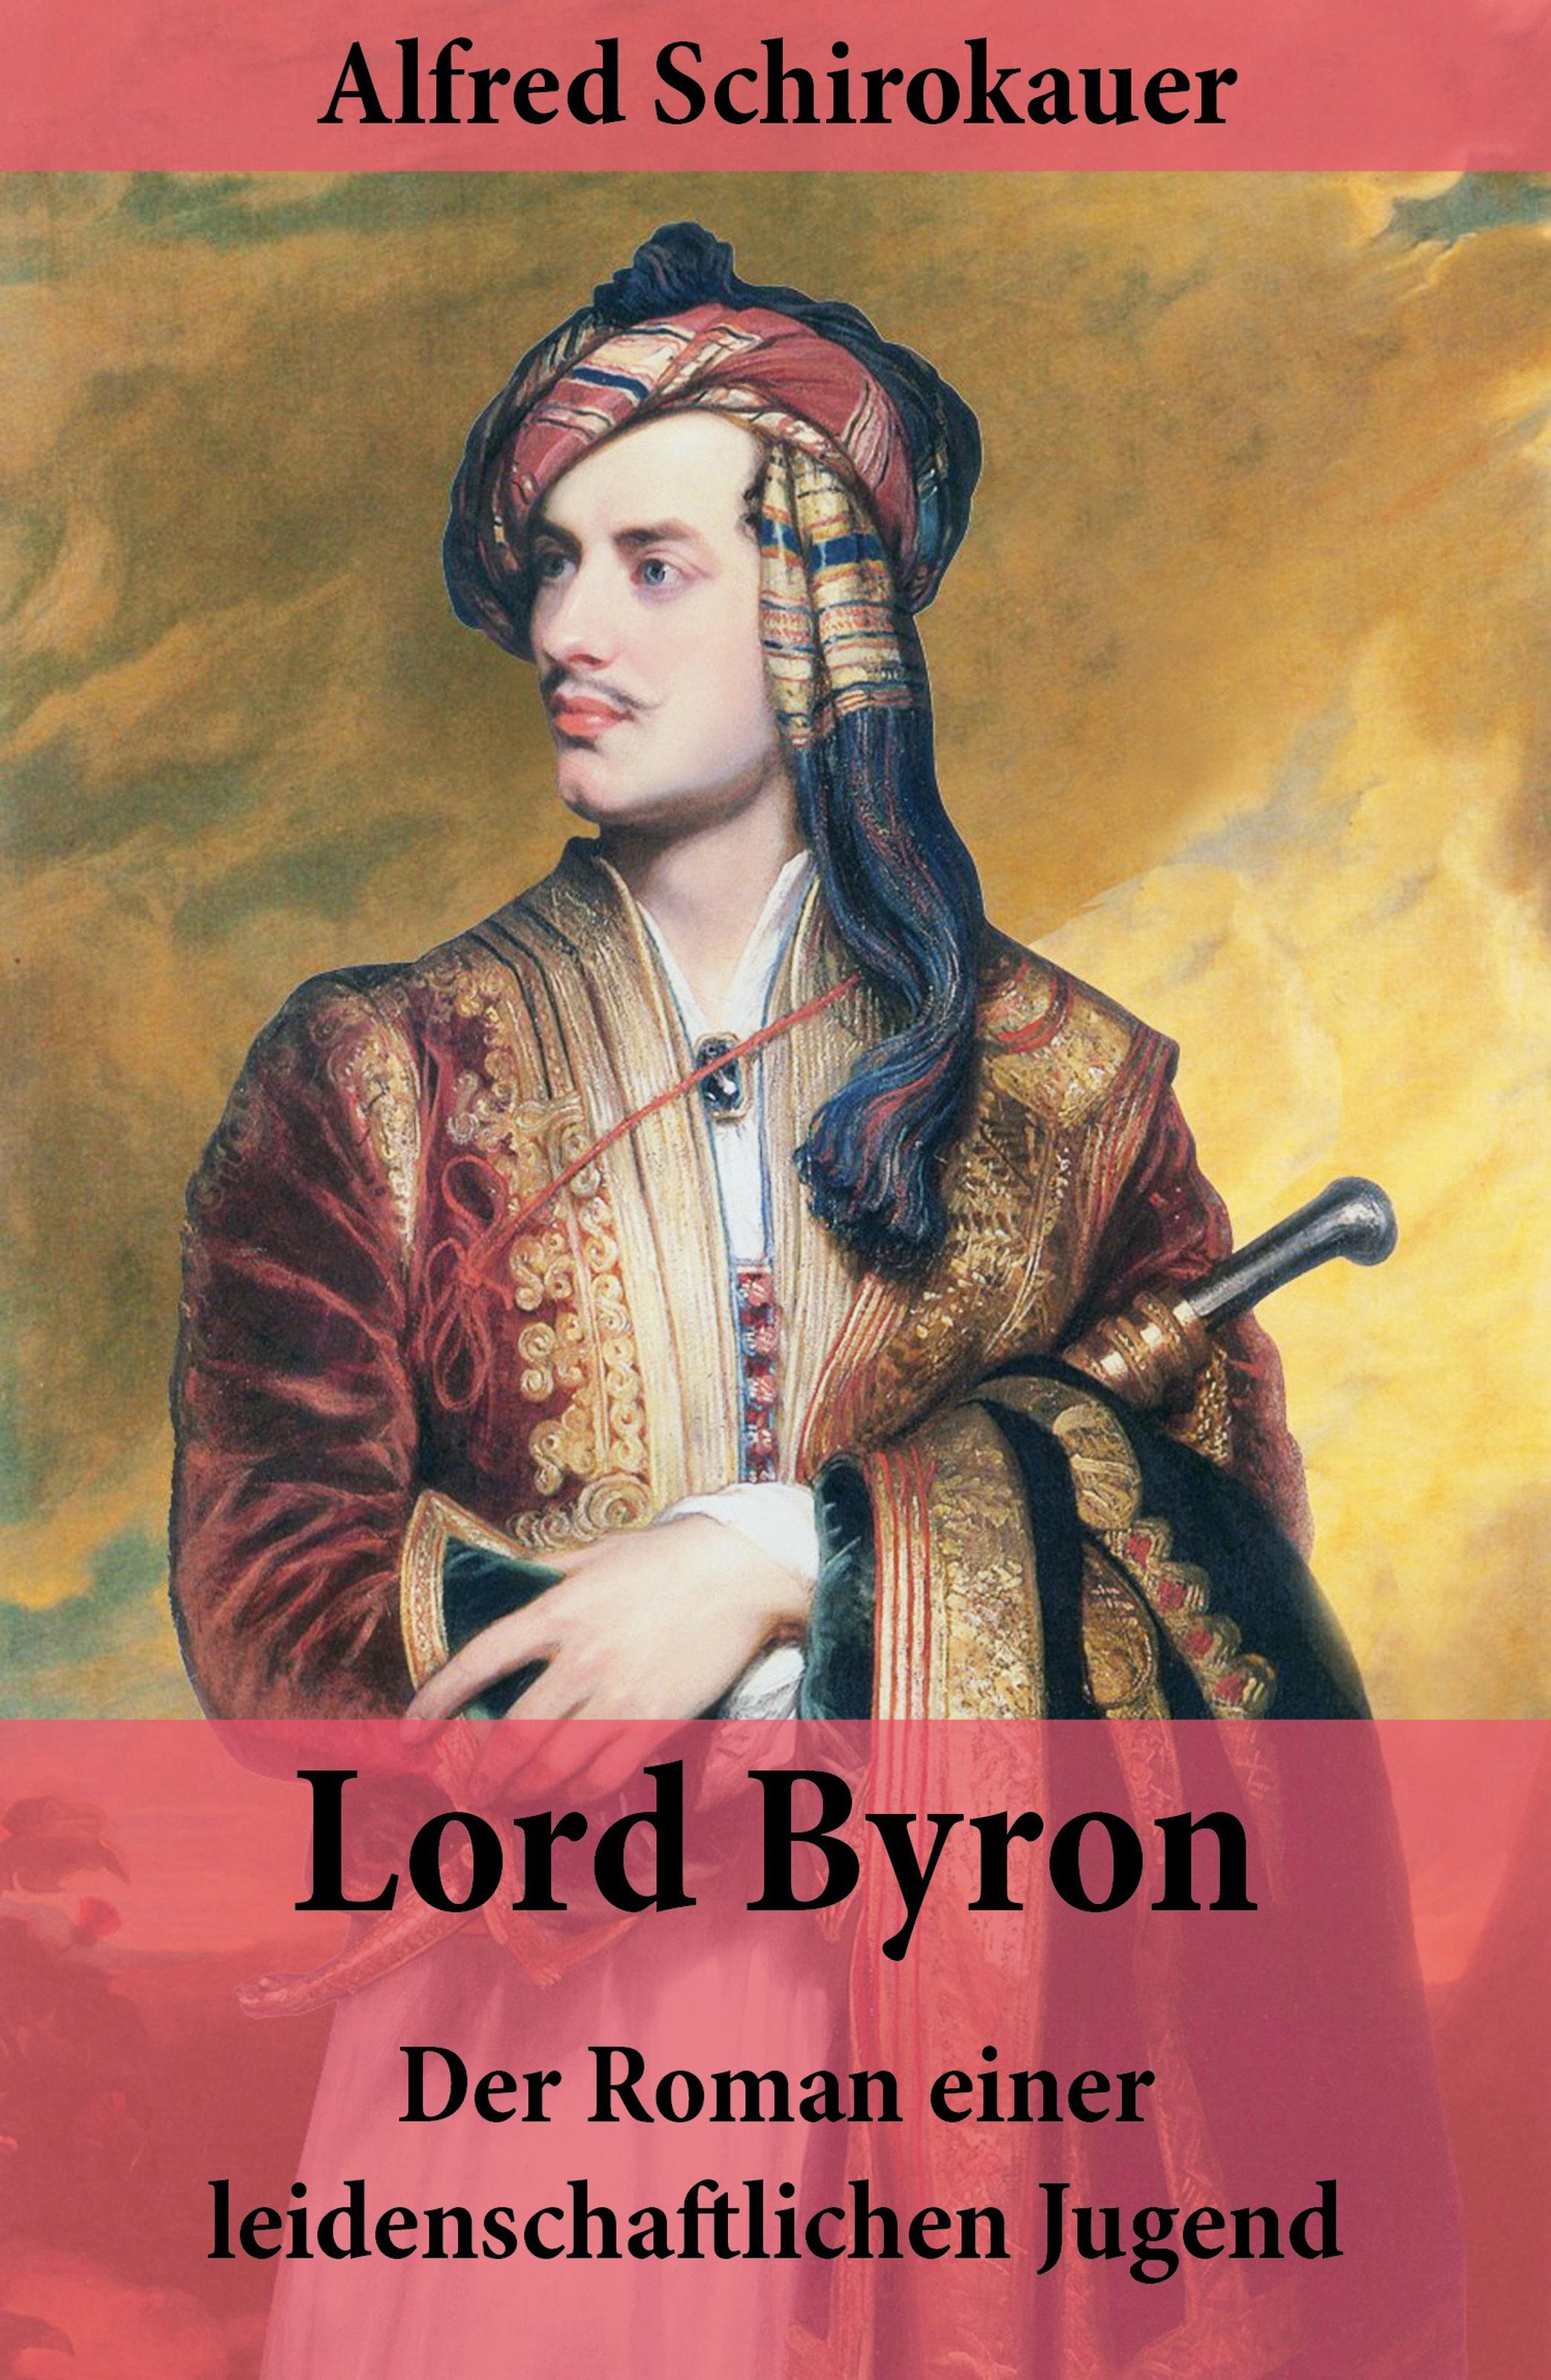 Alfred Schirokauer Lord Byron - Der Roman einer leidenschaftlichen Jugend bruno wille der glasberg roman einer jugend die hinauf wollte band 1